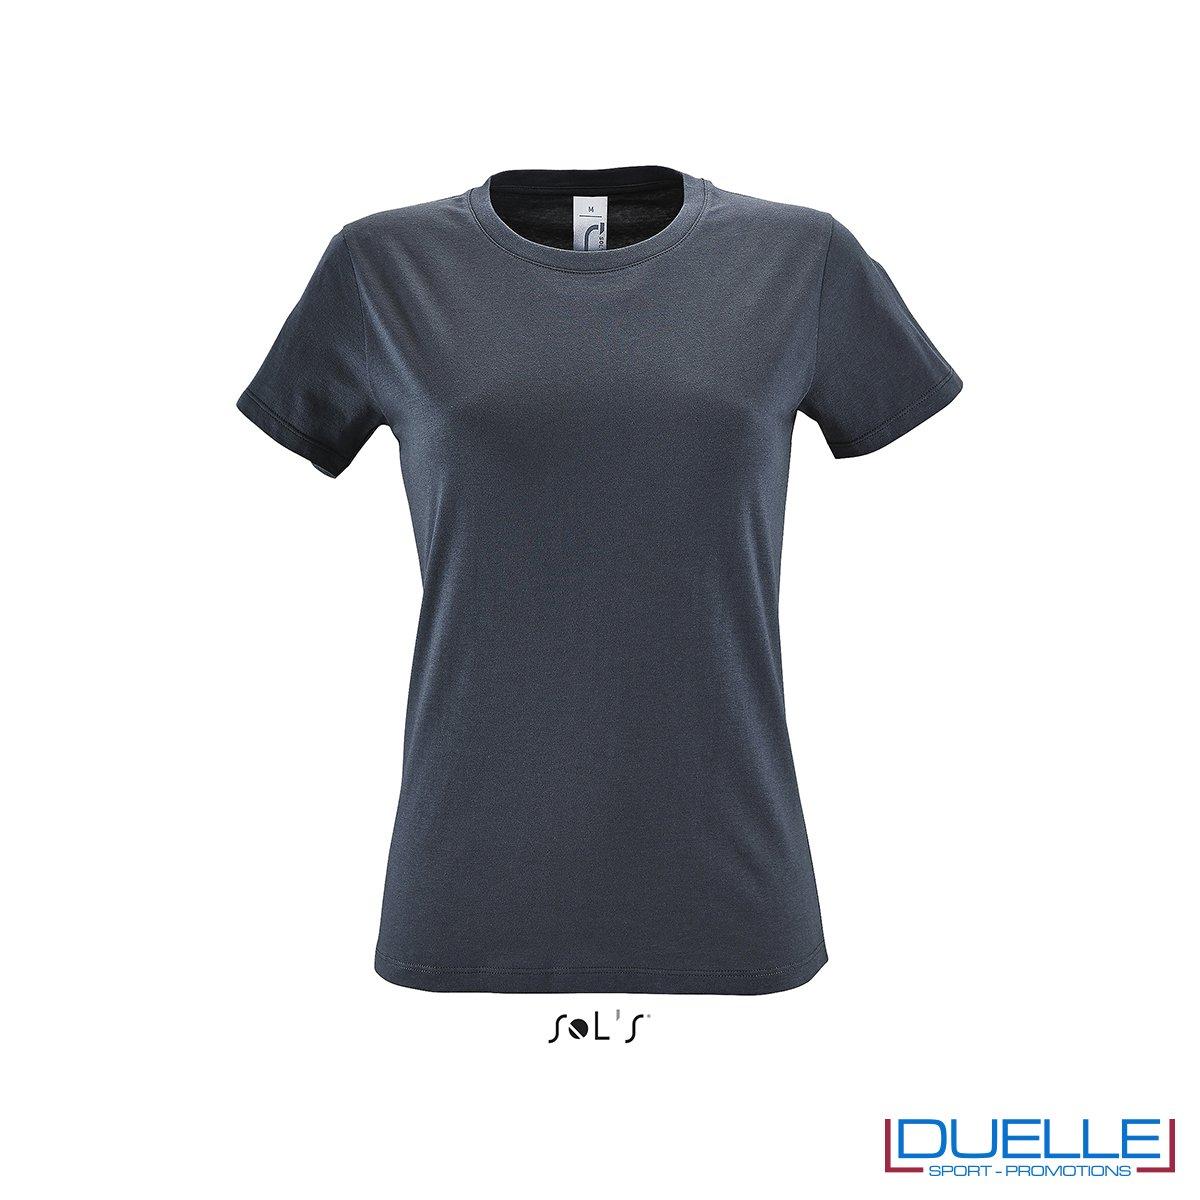 Magliette donna personalizzate colore grigio topo